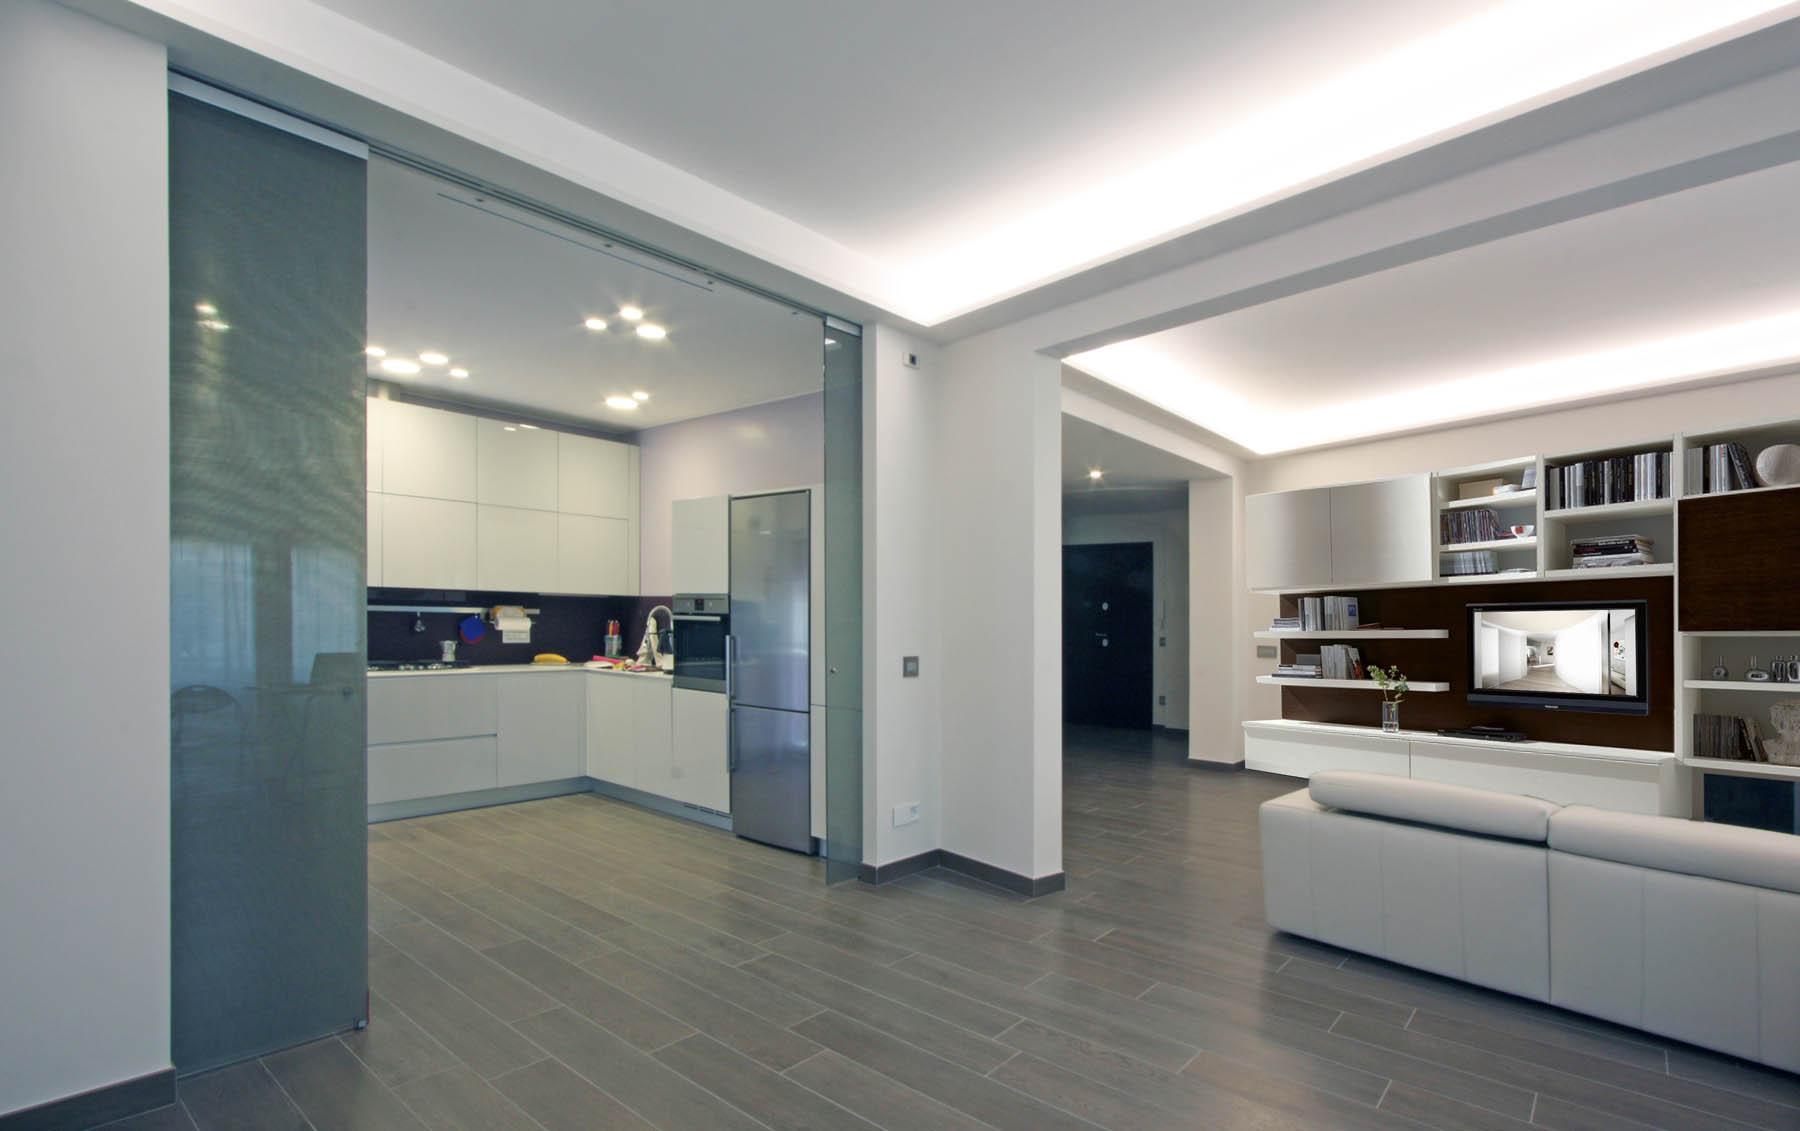 Progettazione realizzazione interni impresa costruzioni for Design moderno interni